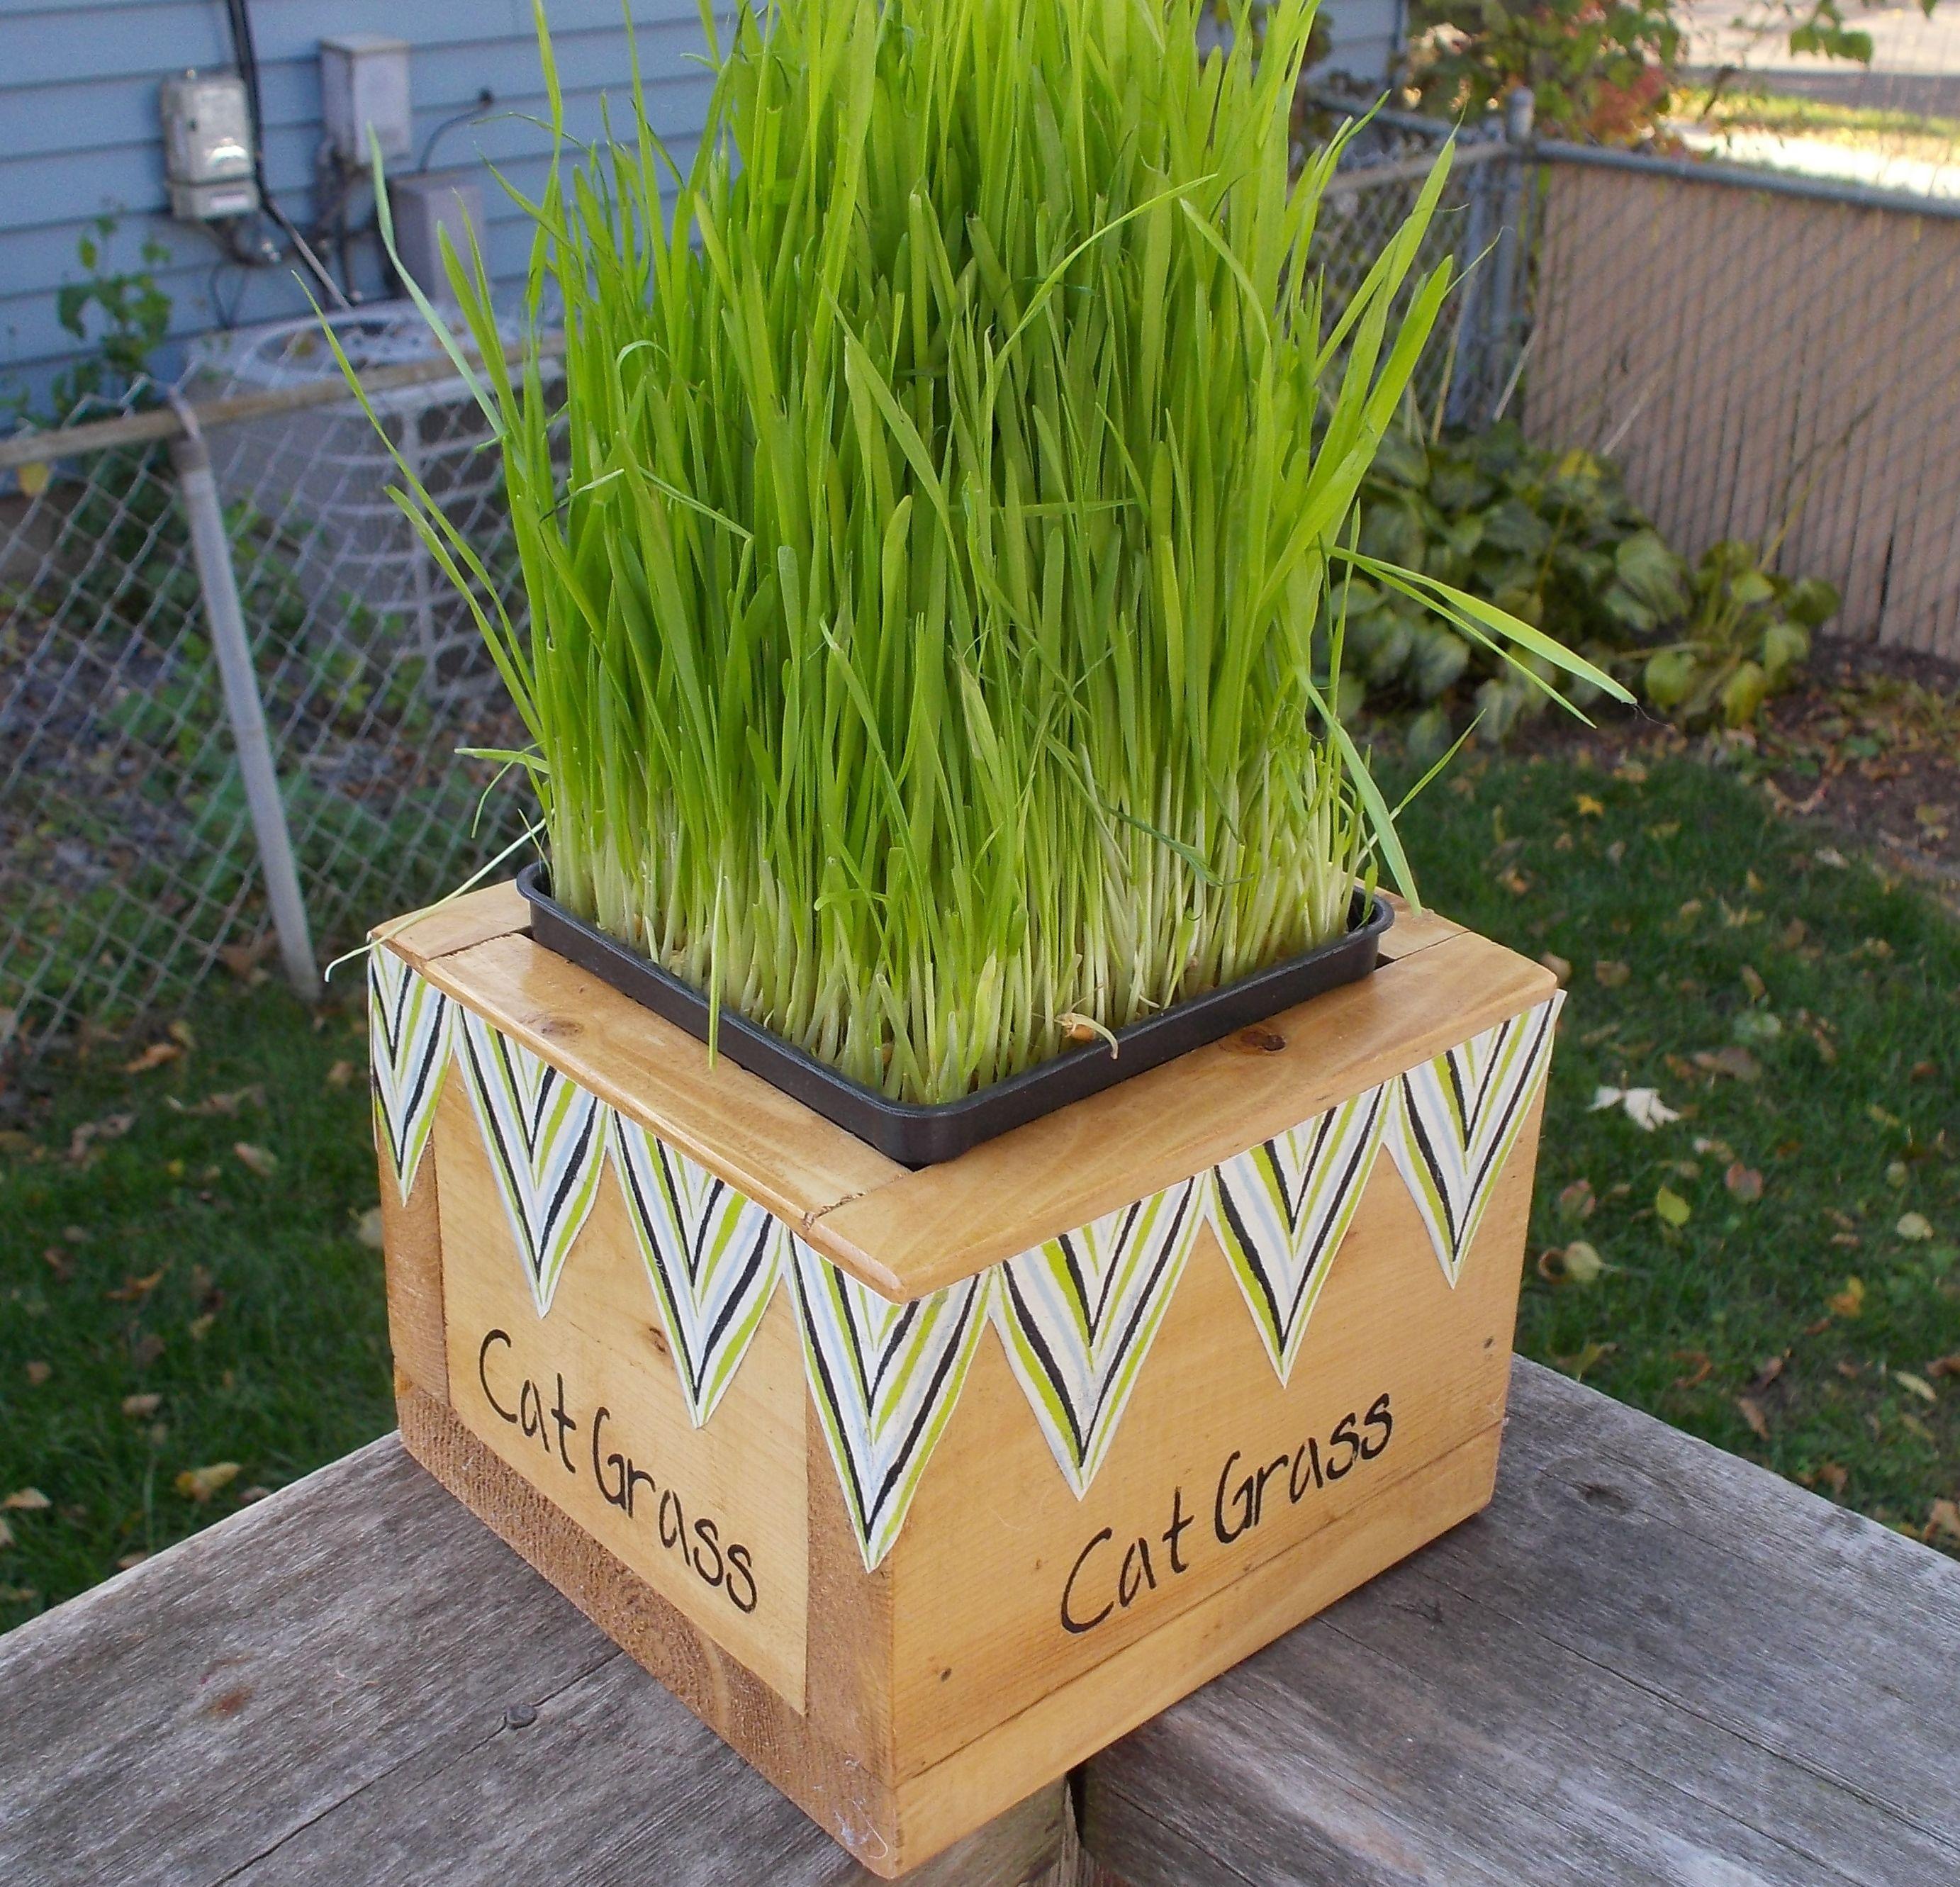 Cat Grass Box grow your own Cat grass box, Cat grass